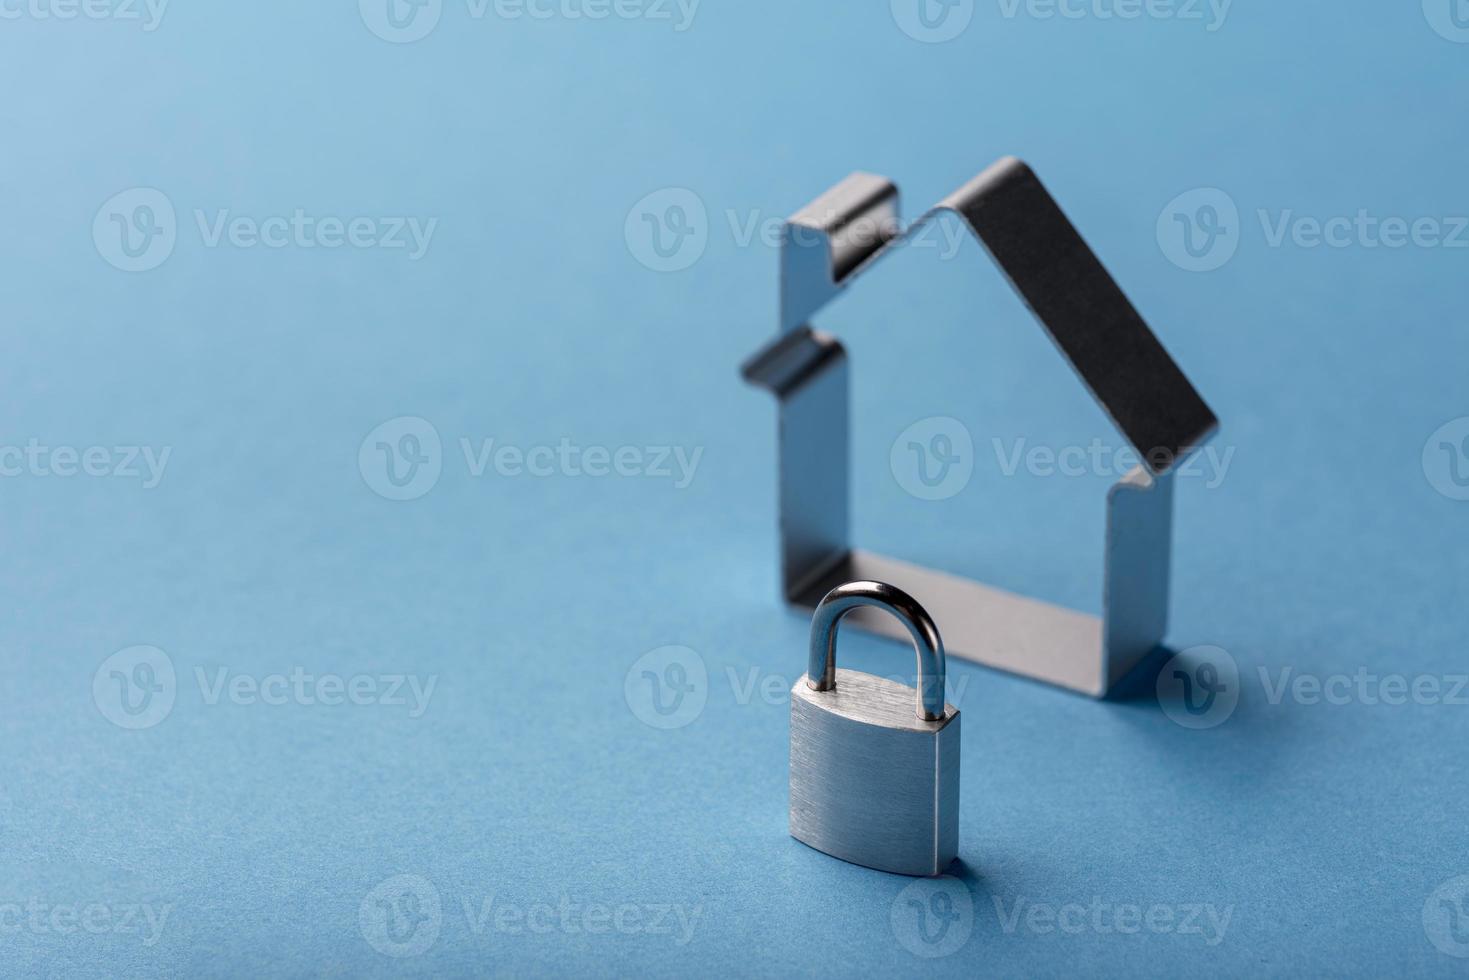 hög vinkel miniatyr hus och lås med kopia utrymme på blå bakgrund foto